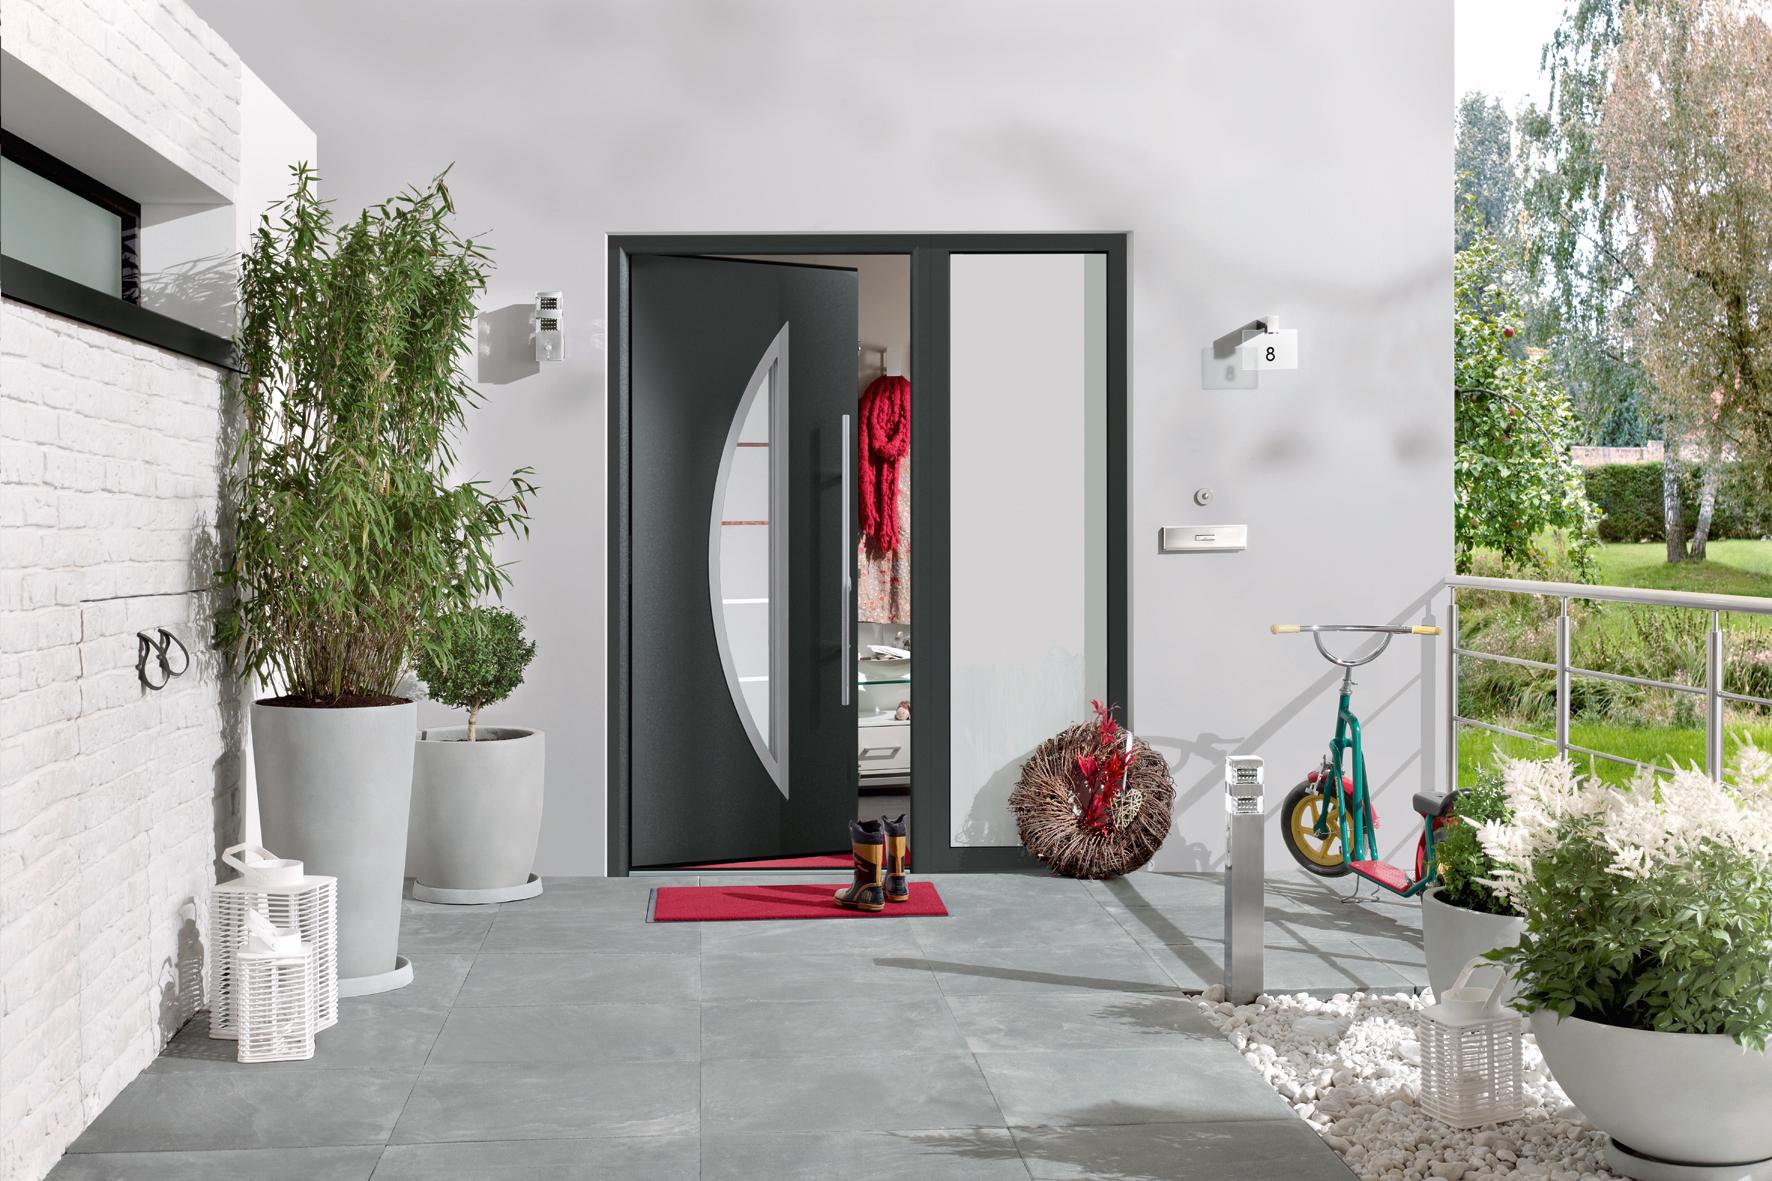 Thermo65 - matalowe drzwi w aluminiowej ościeznicy